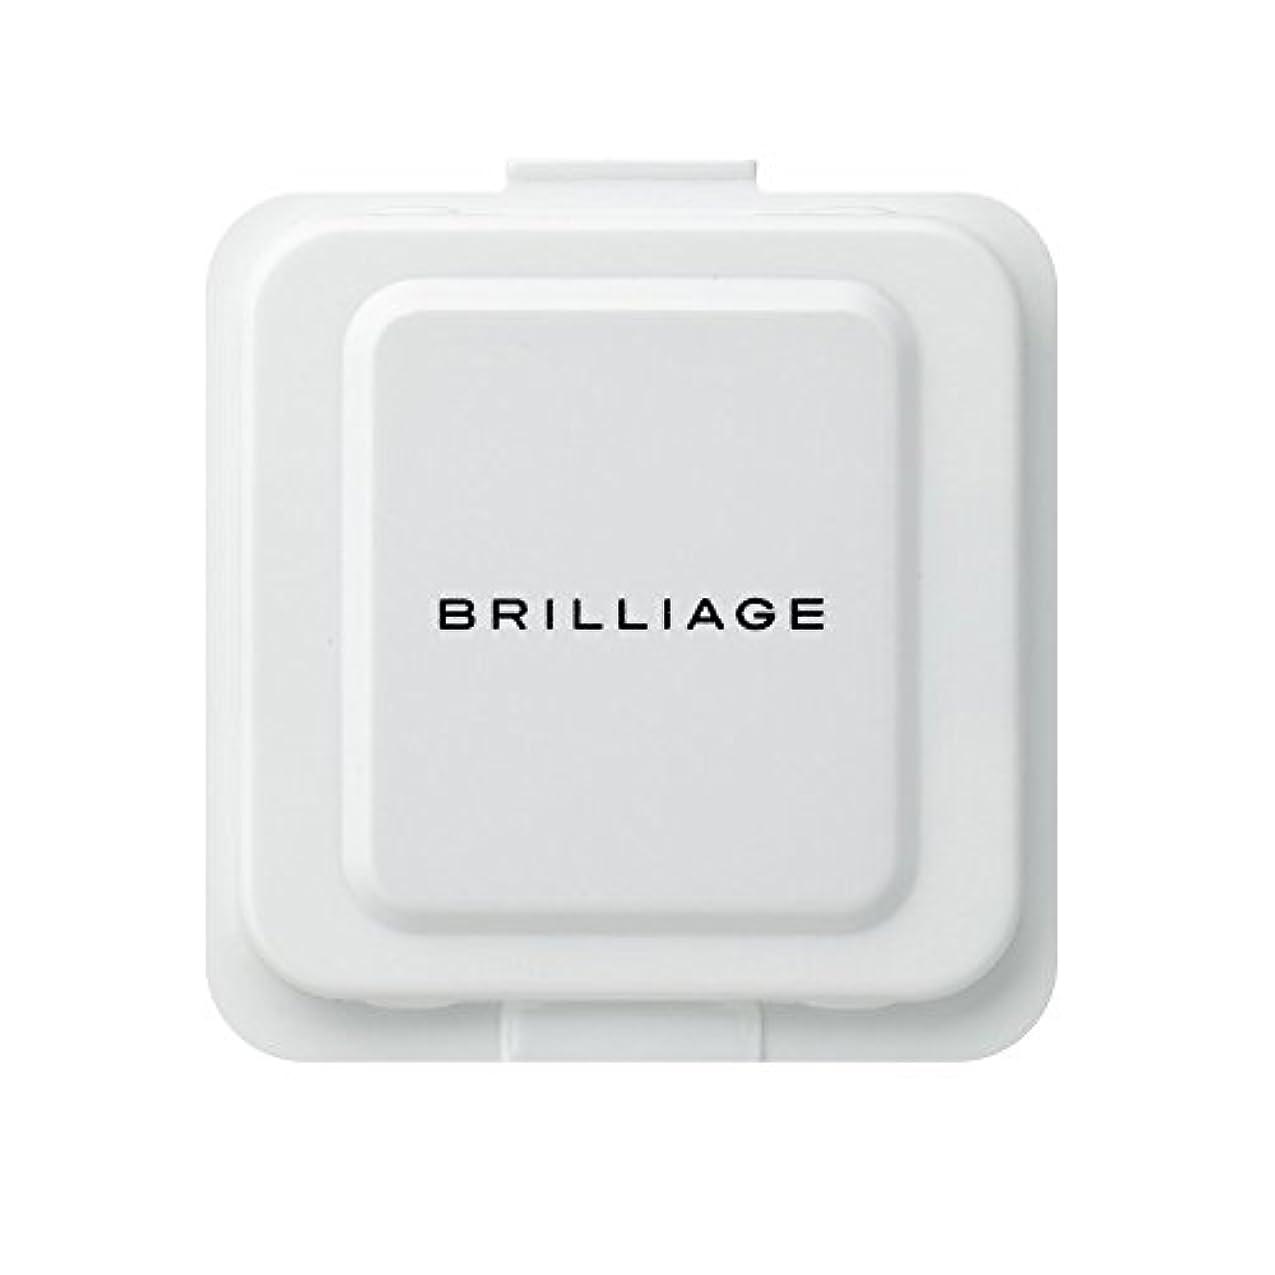 代数的乱れ見えないブリリアージュ 新トリッキーパクト リフティング リフィル ファンデーション ミディアムベージュ60